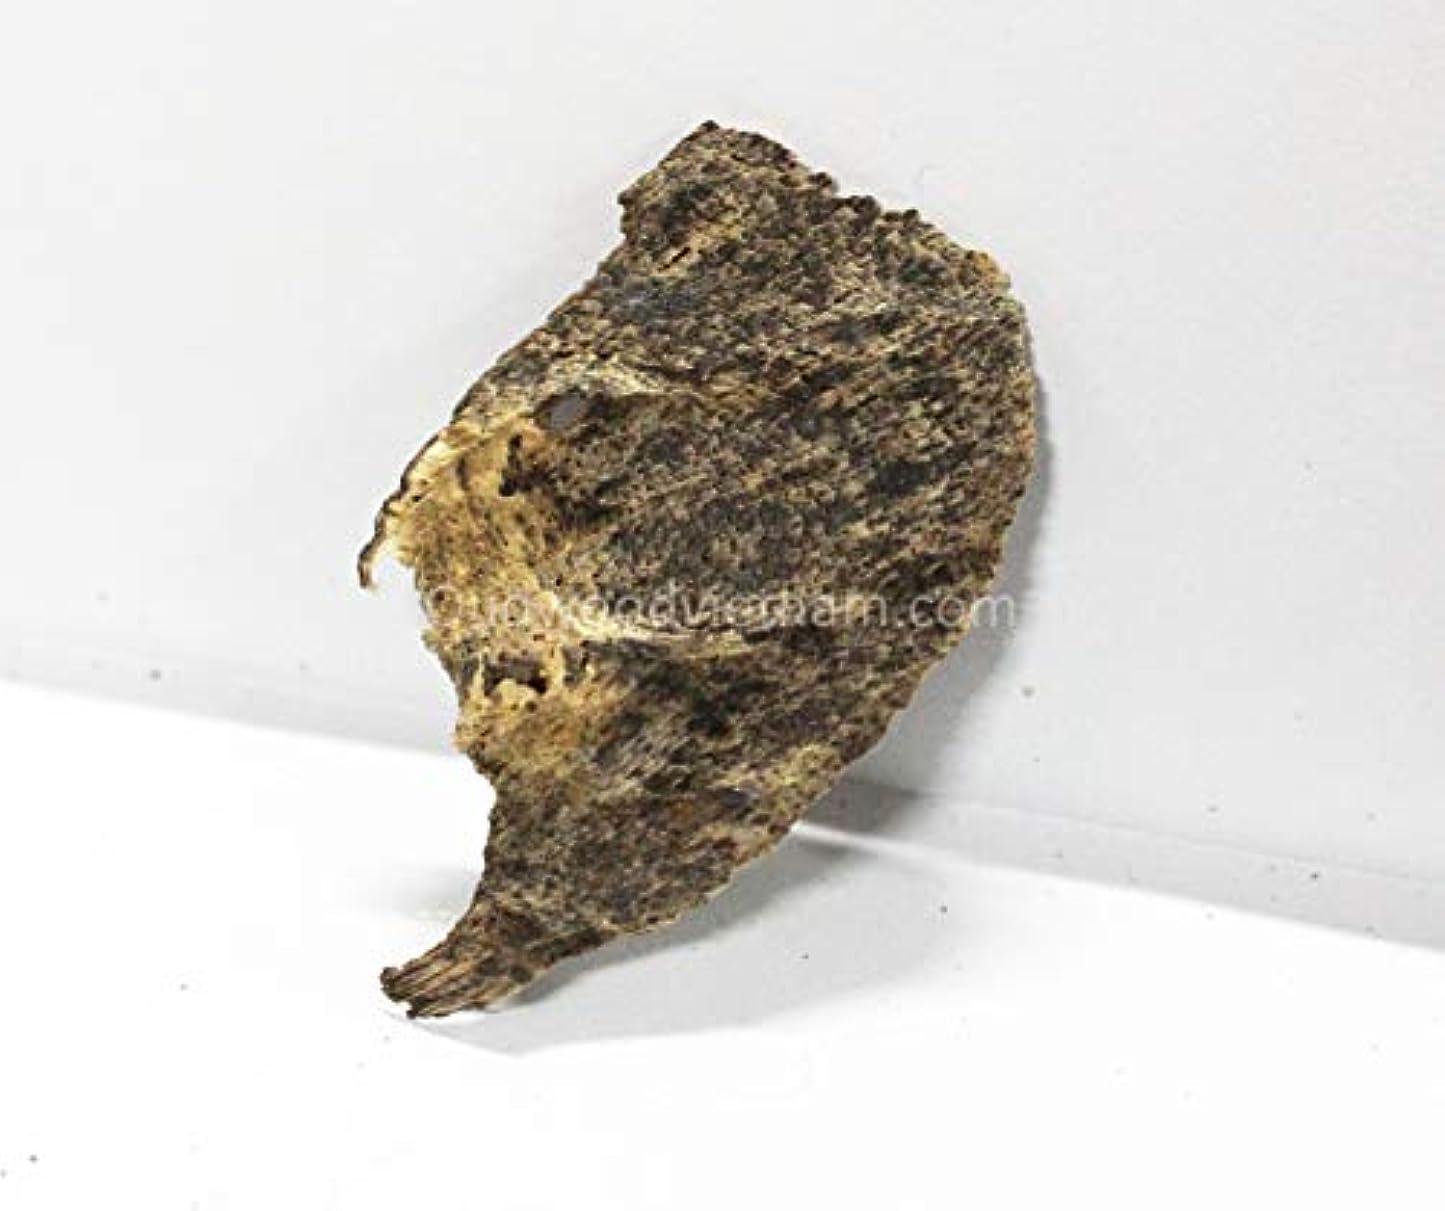 アラブ人新しさ機知に富んだアガーウッドチップ オウドチップス お香 アロマ ナチュラル ワイルド レア アガーウッド チップ オードウッド ベトナム 純素材 グレード A++ 50g